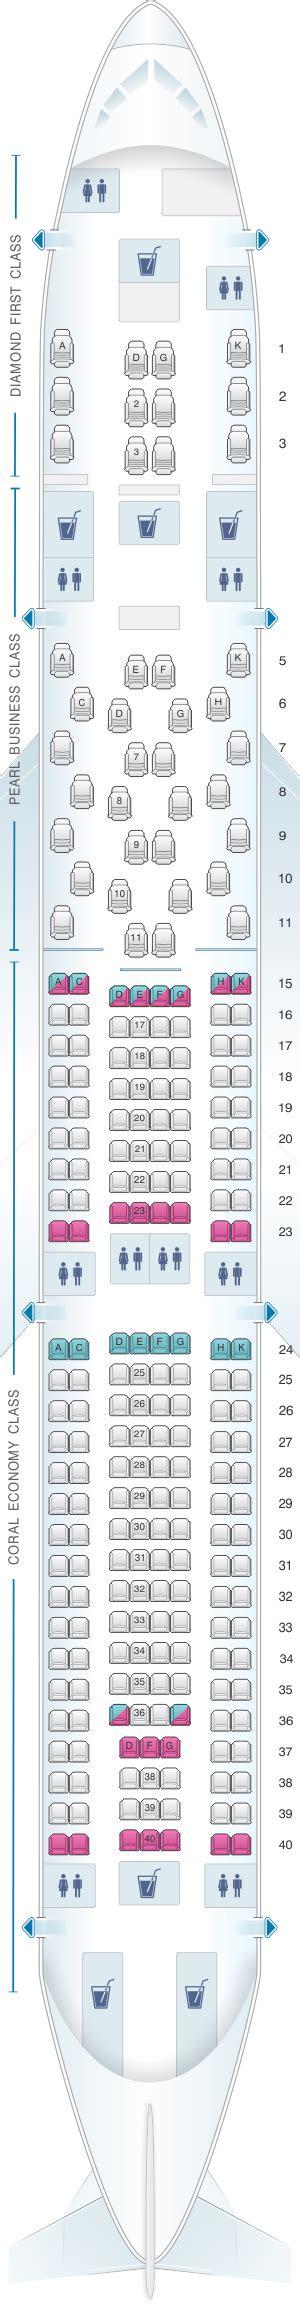 iberia airbus a340 500 seat map mapa de asientos etihad airways airbus a340 500 plano